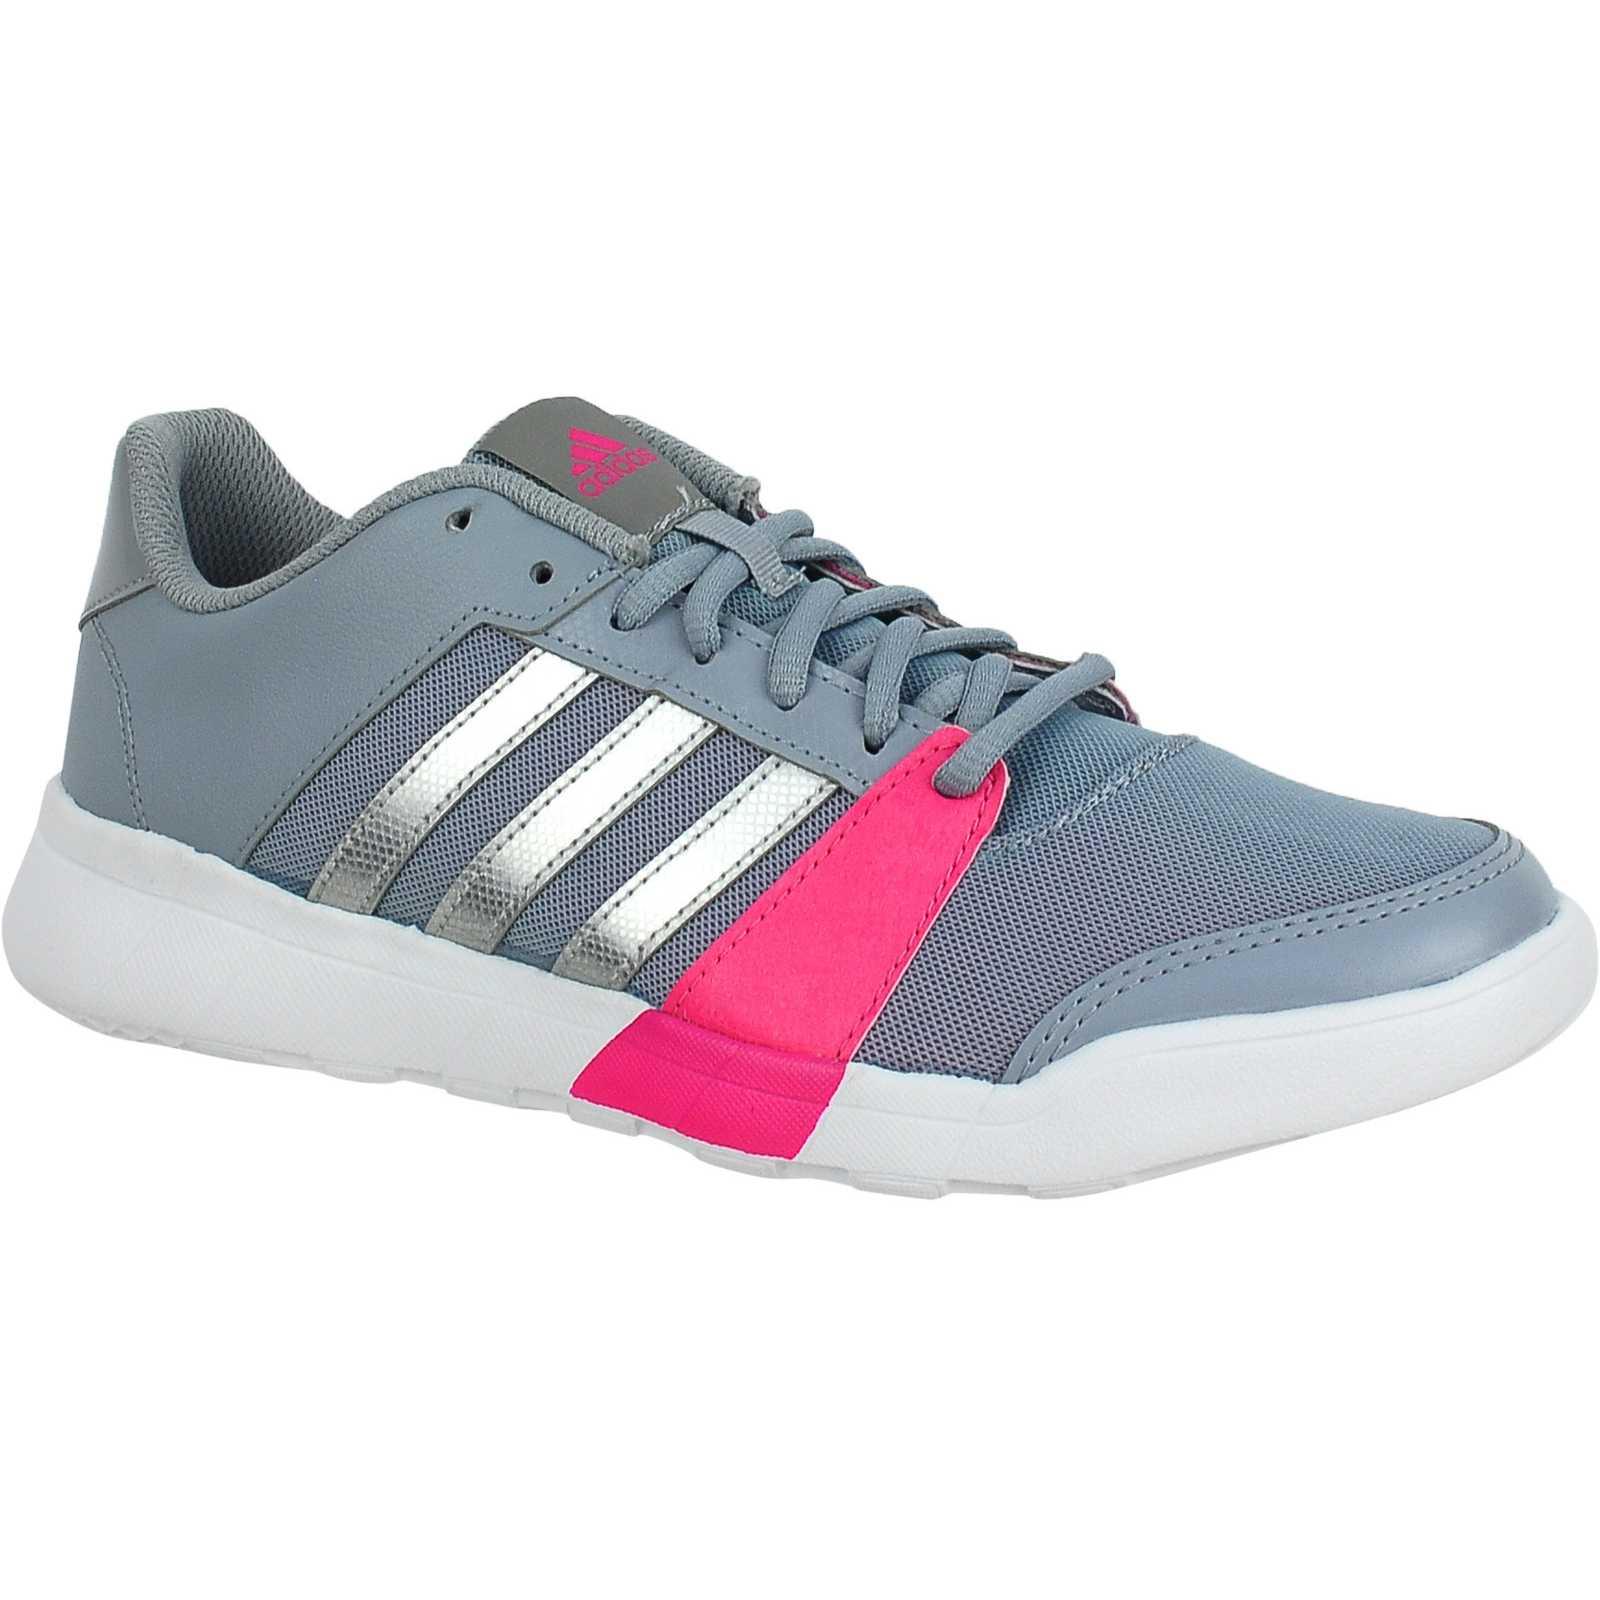 Pantofi sport femei adidas Essential Fun B44583